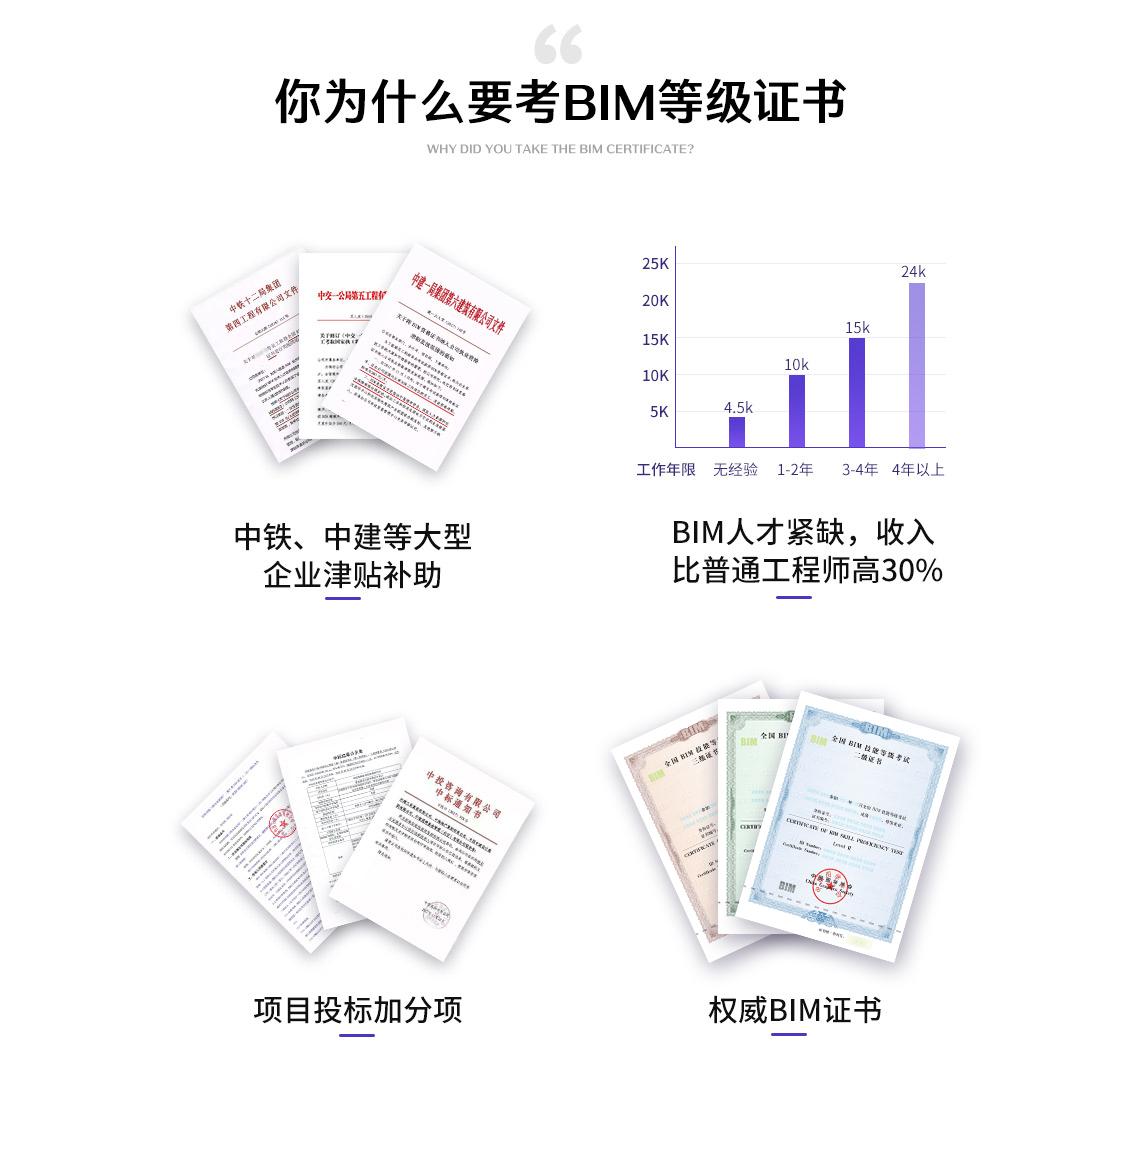 為什么要考BIM等級證書?考BIM證書優勢大,工程師、設計師、甲方和學生都適合考。人社部和圖學會BIM證書全國通用。